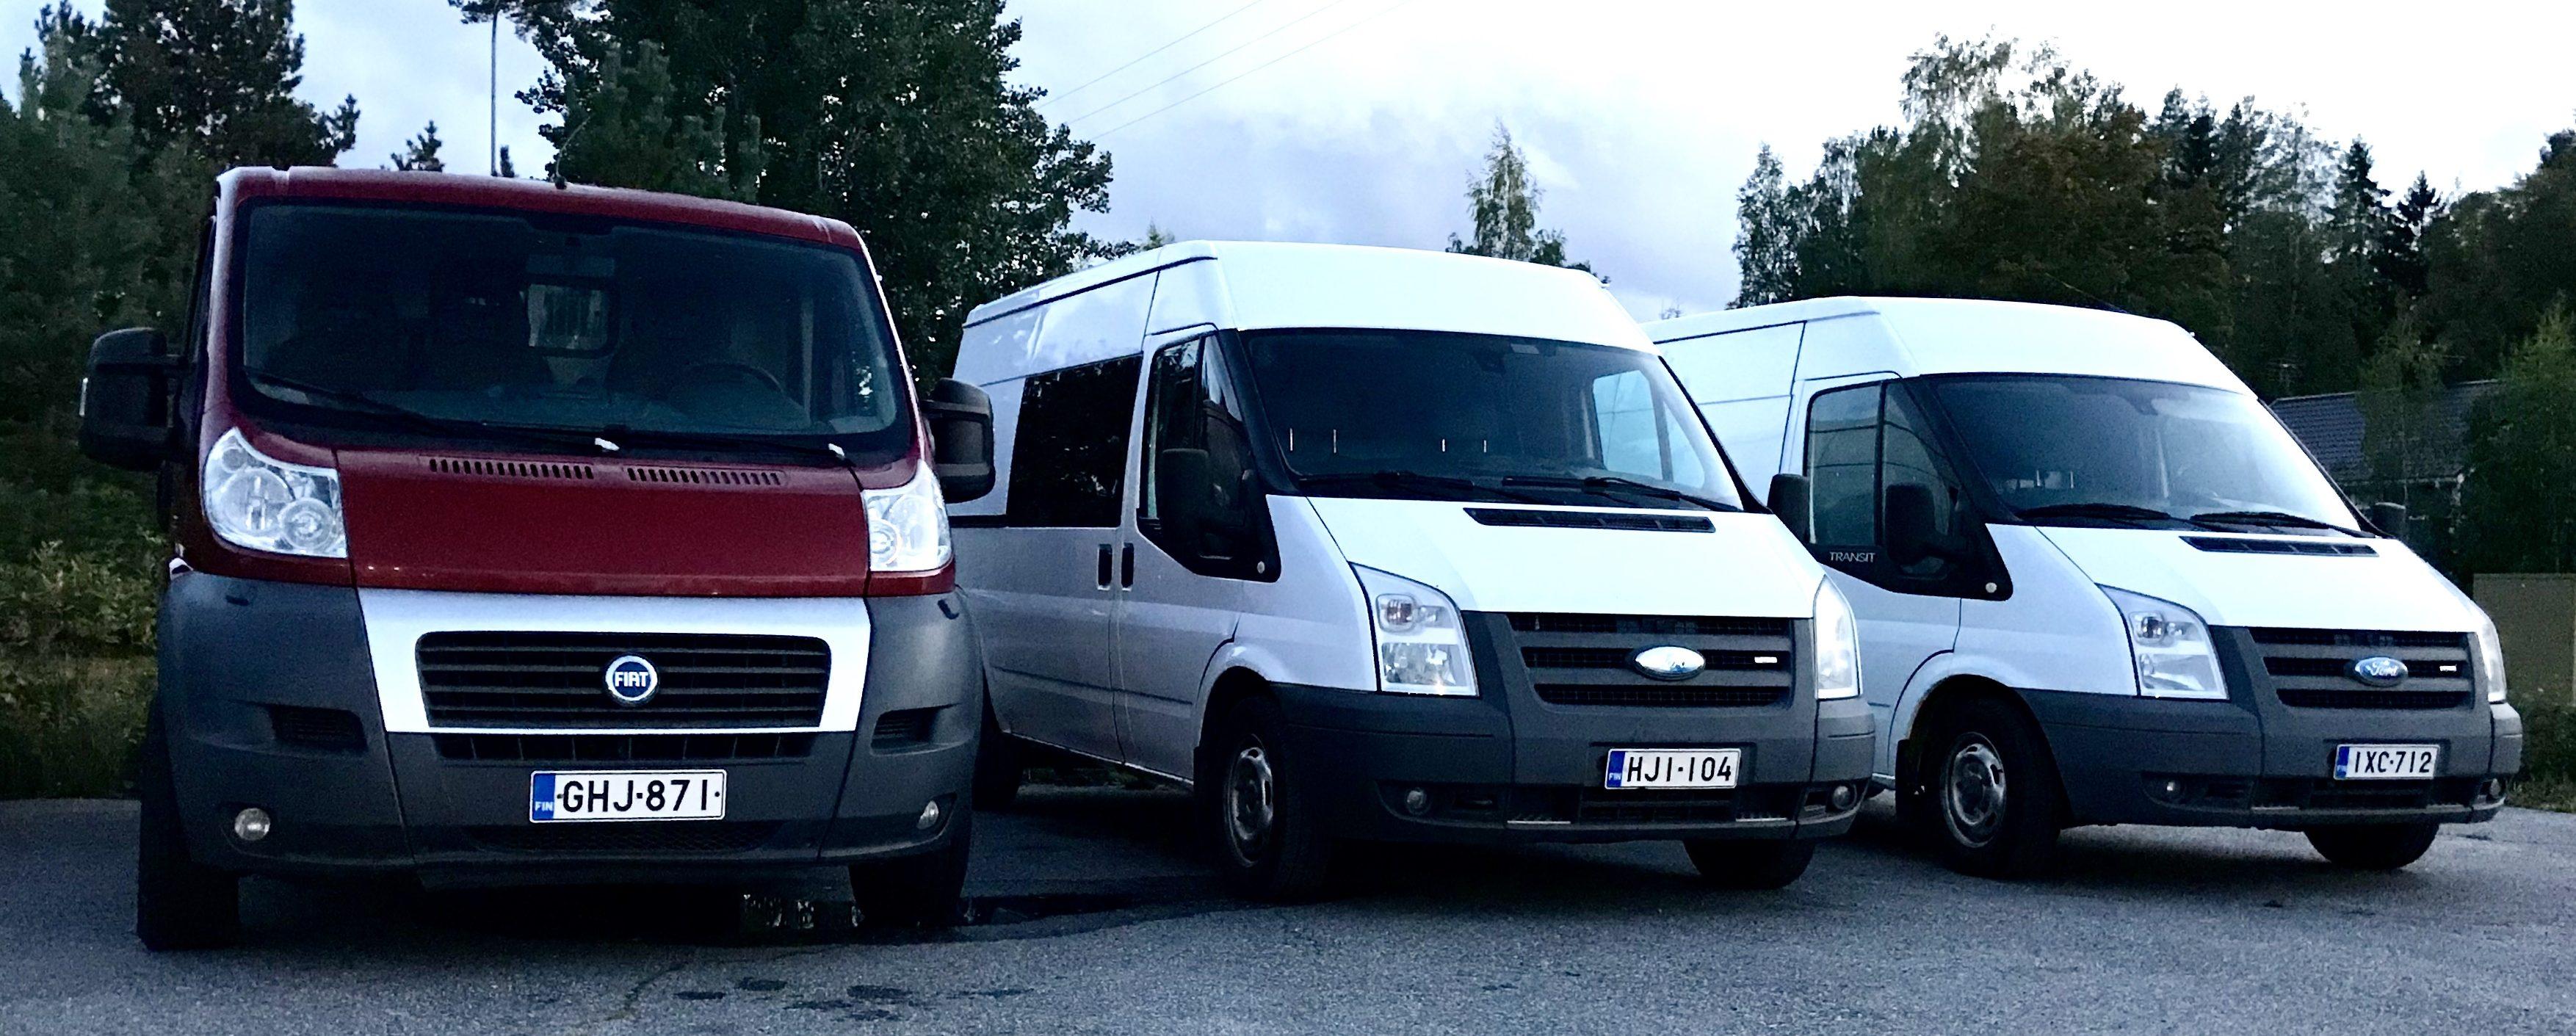 pakettiauton_vuokraus_tampere/pirkkala/nokia